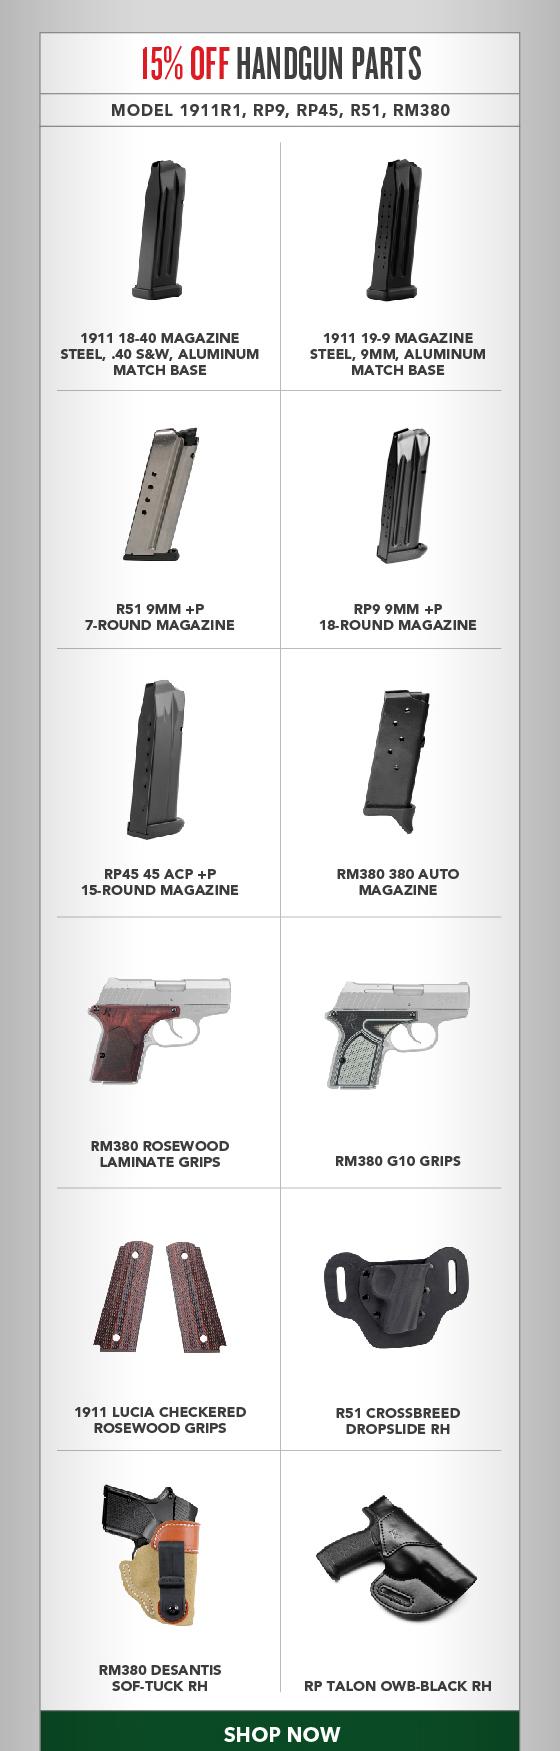 15% OFF All Handgun Parts